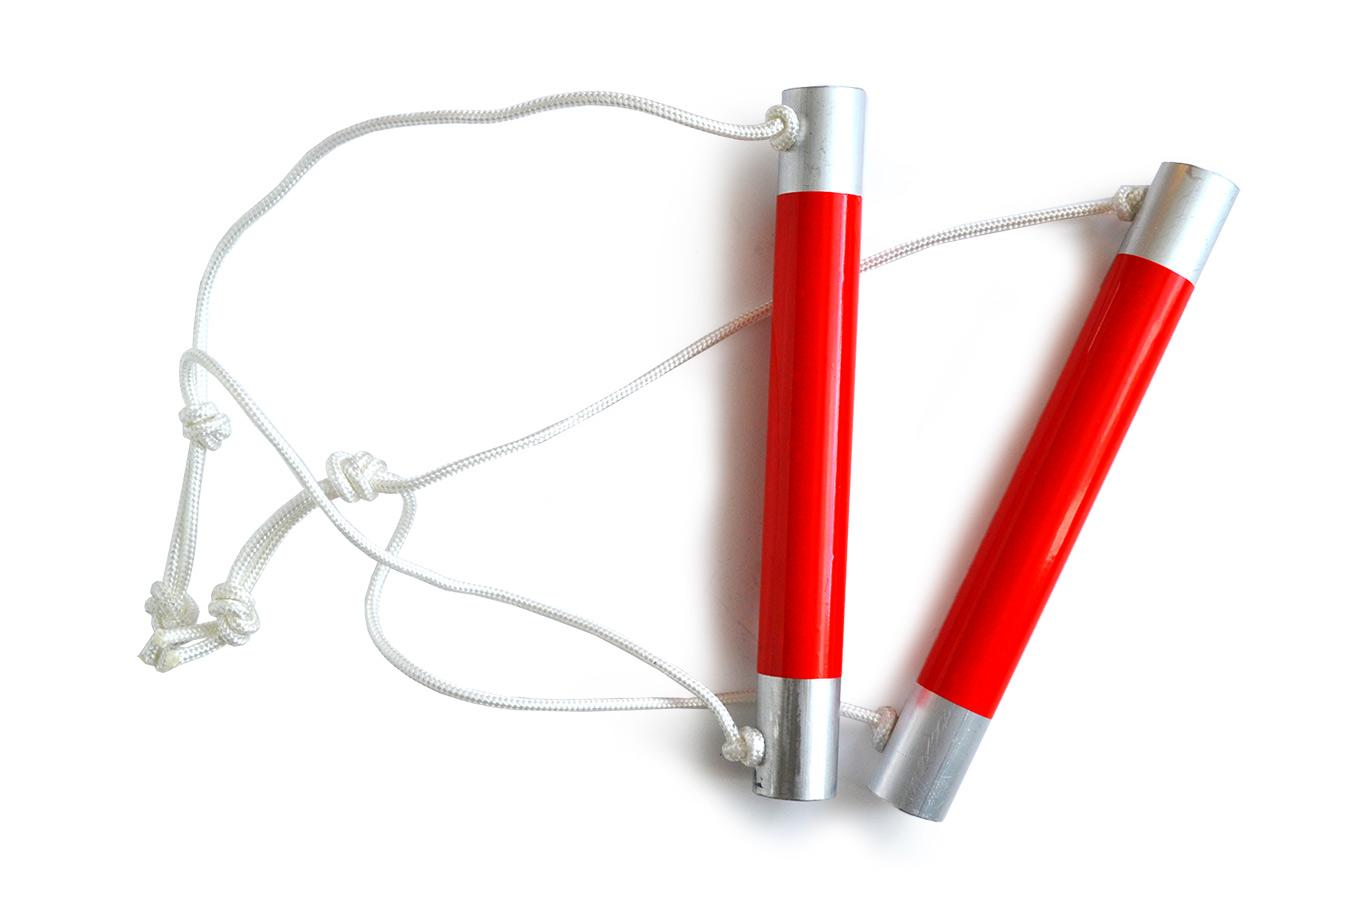 Ручки управления для кайтов, 2 шт. [RKL202]